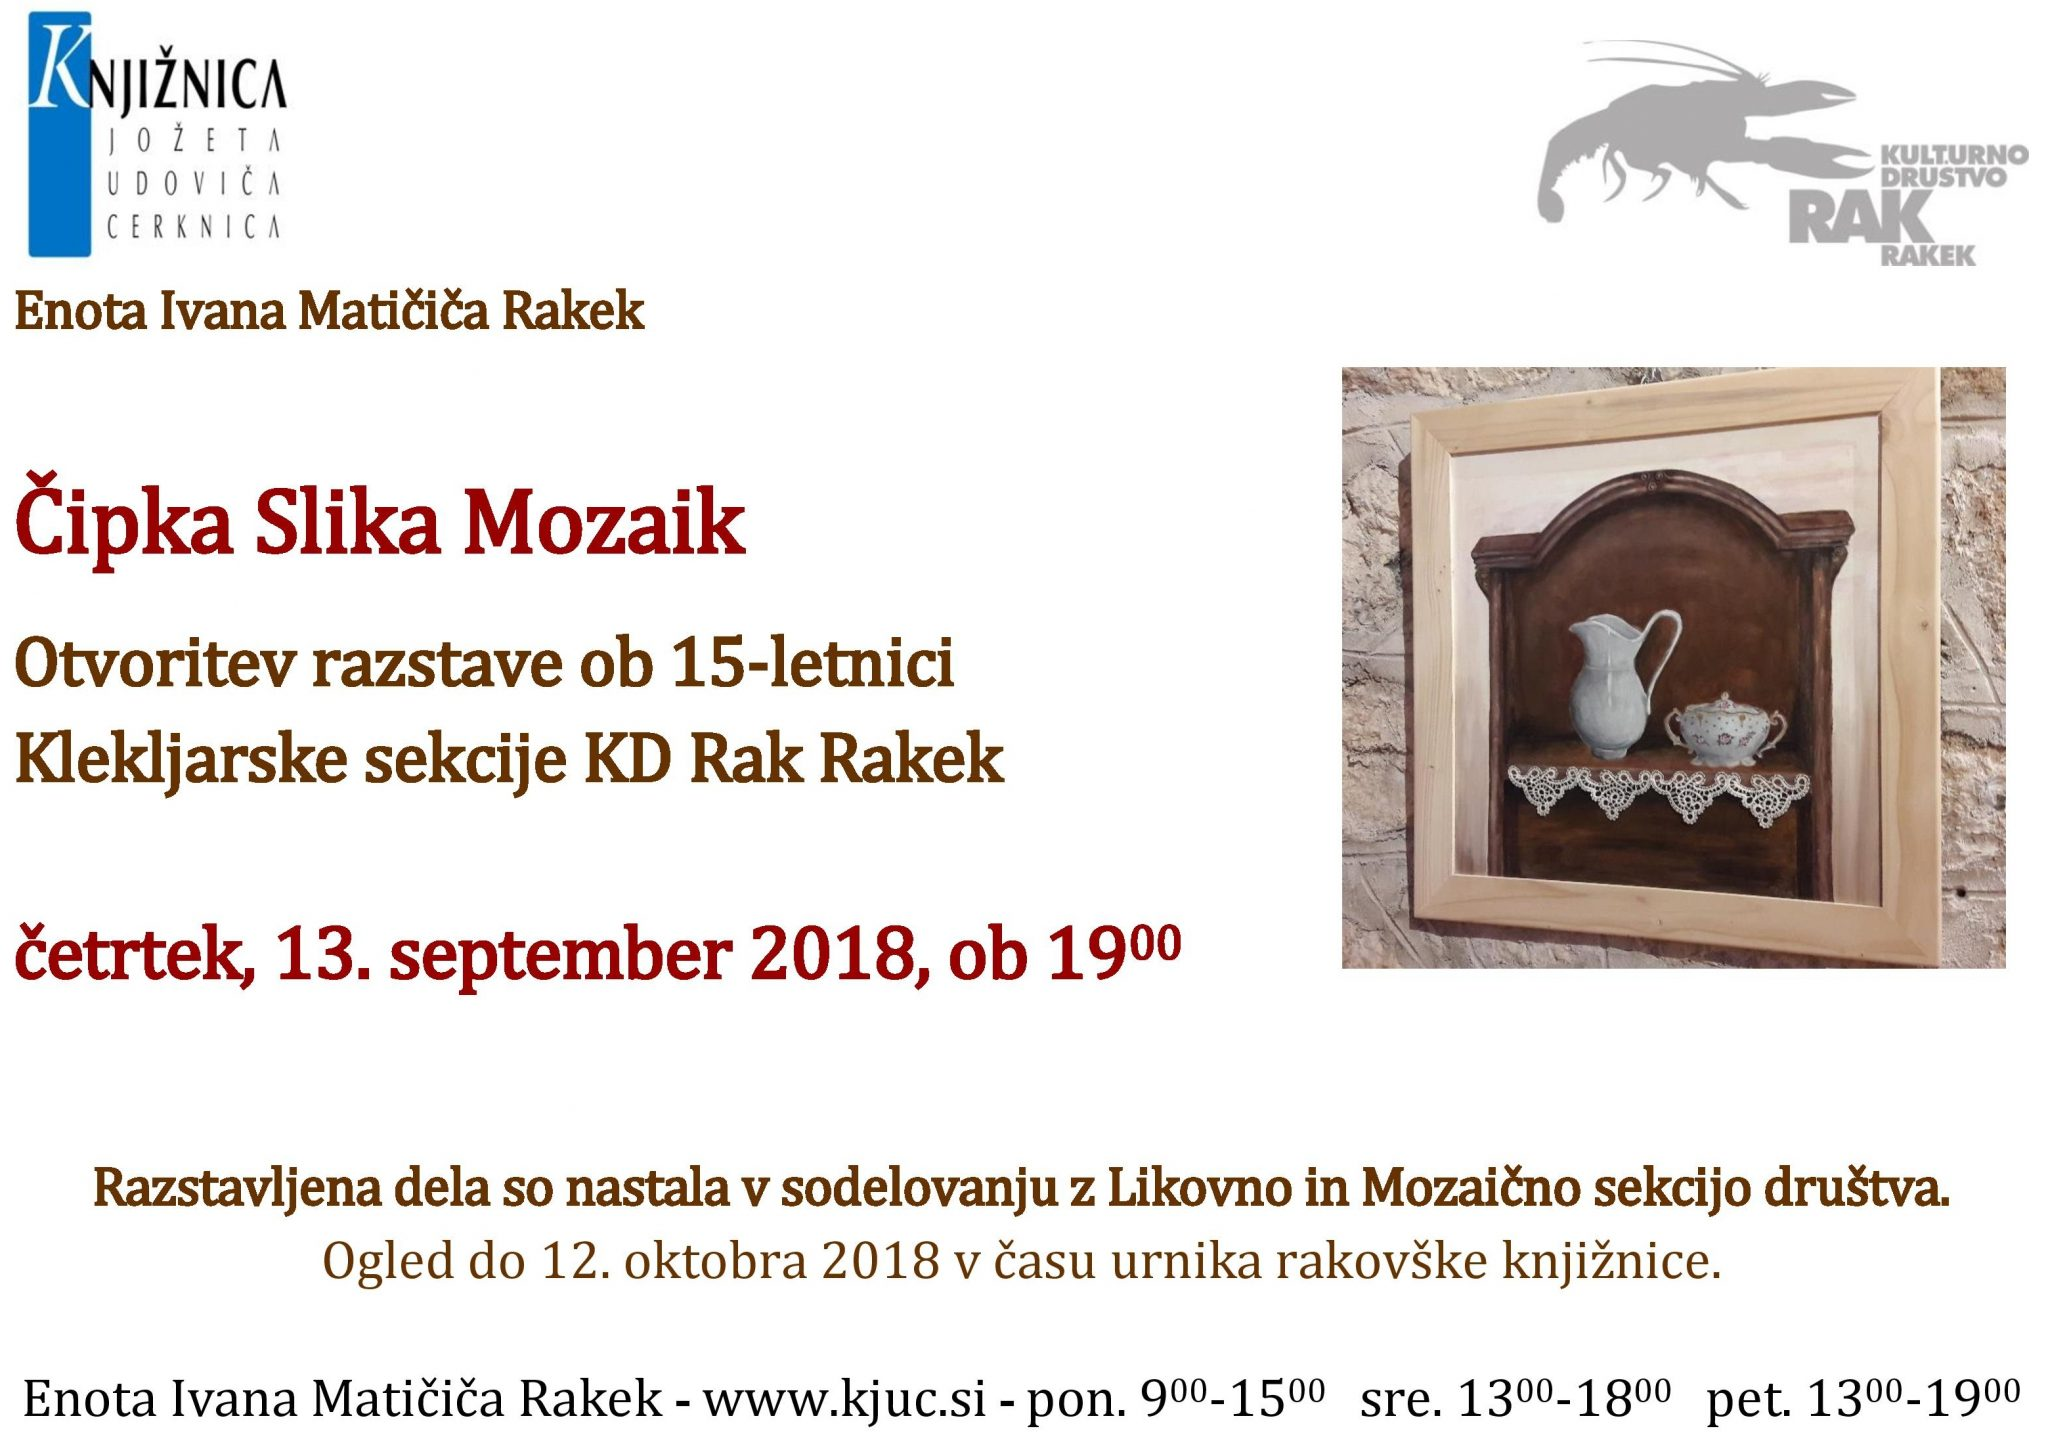 cover - Čipka Slika Mozaik - otvoritev razstave